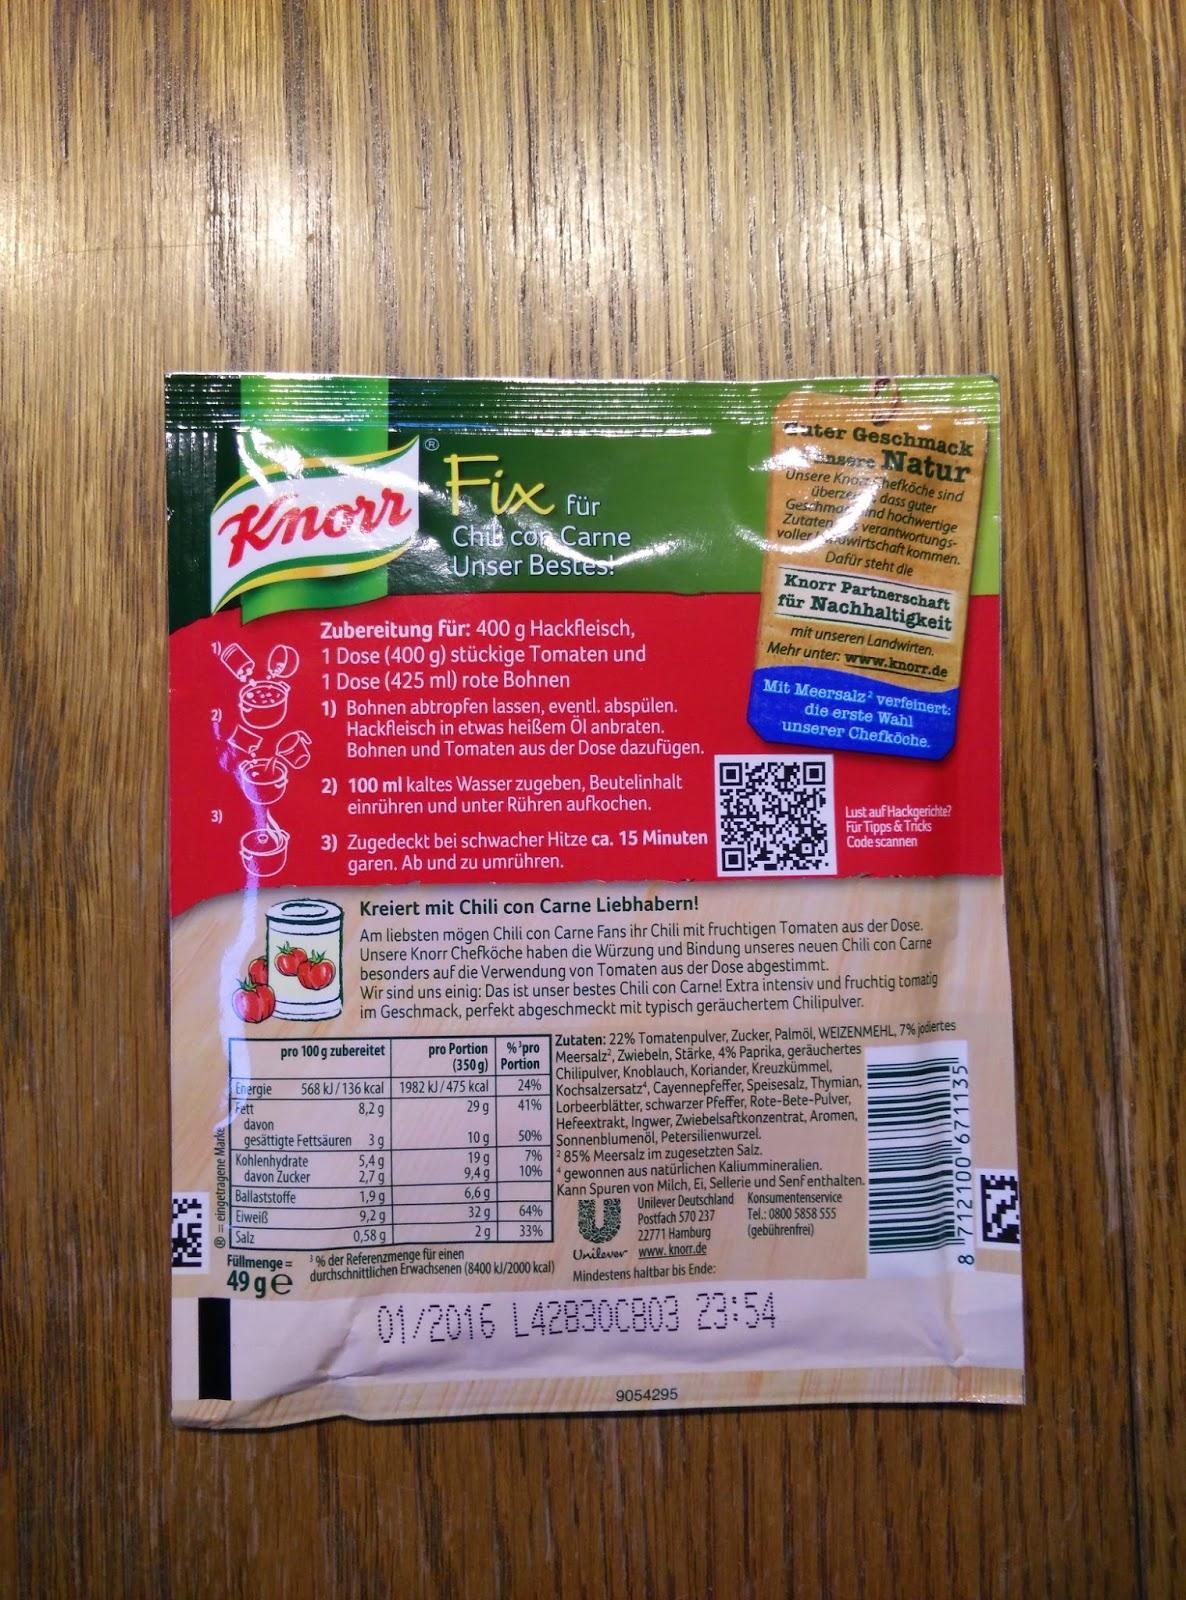 Nadine Testet Produkte Knorr Chili Con Carne Unser Bestes